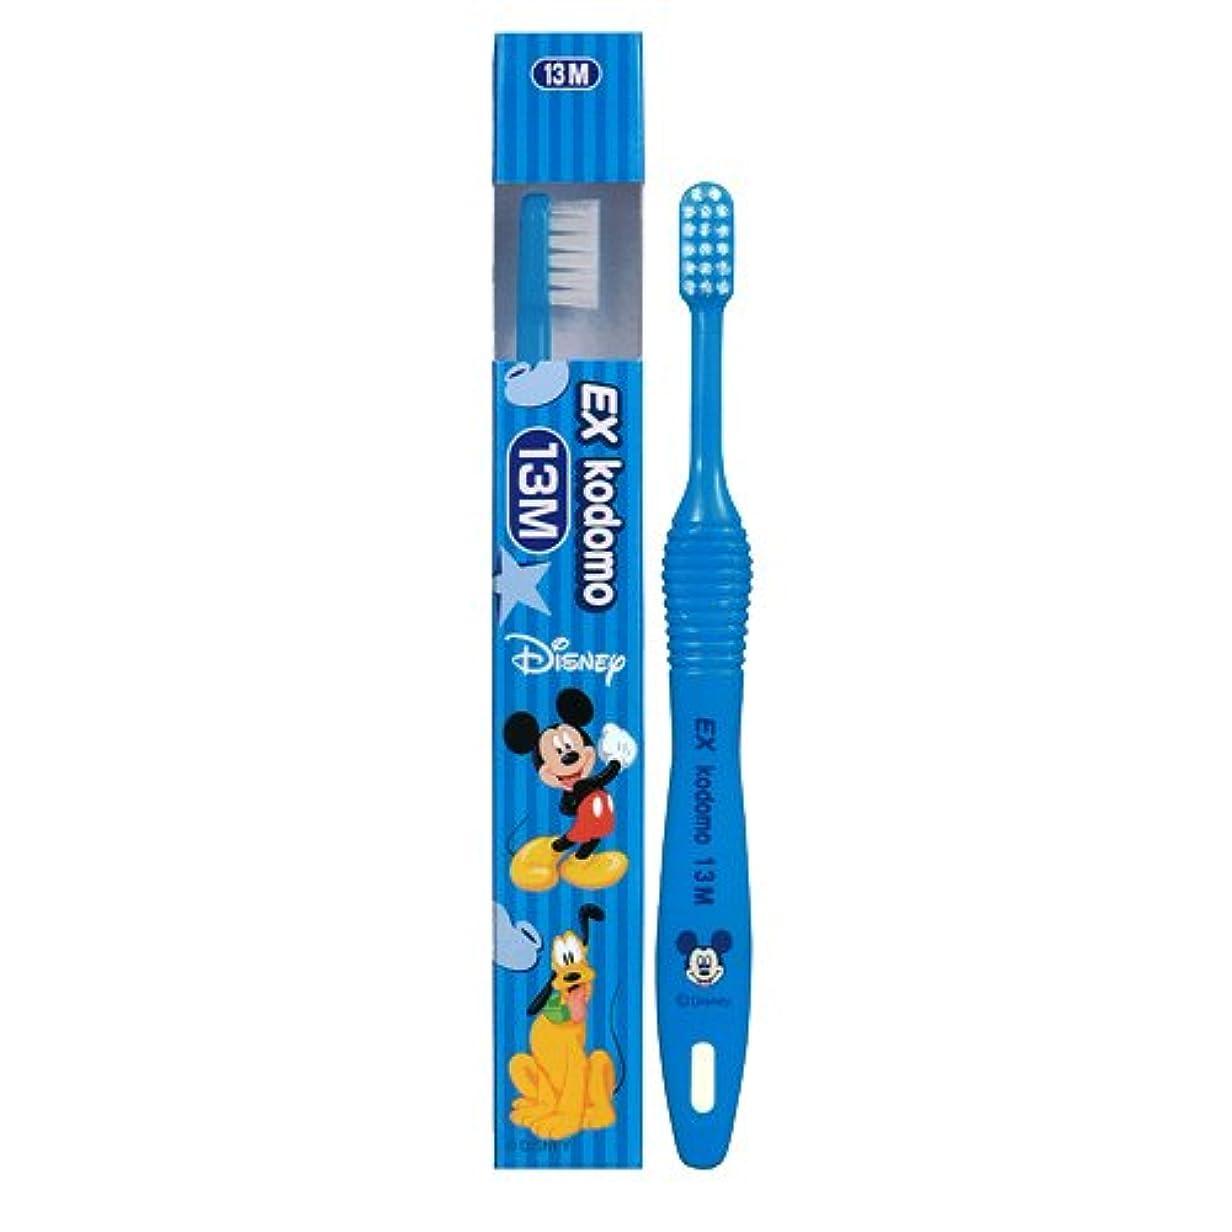 消えるふりをする箱EX kodomo ディズニー 歯ブラシ 13(乳幼児用?0~6歳)M 4本入り